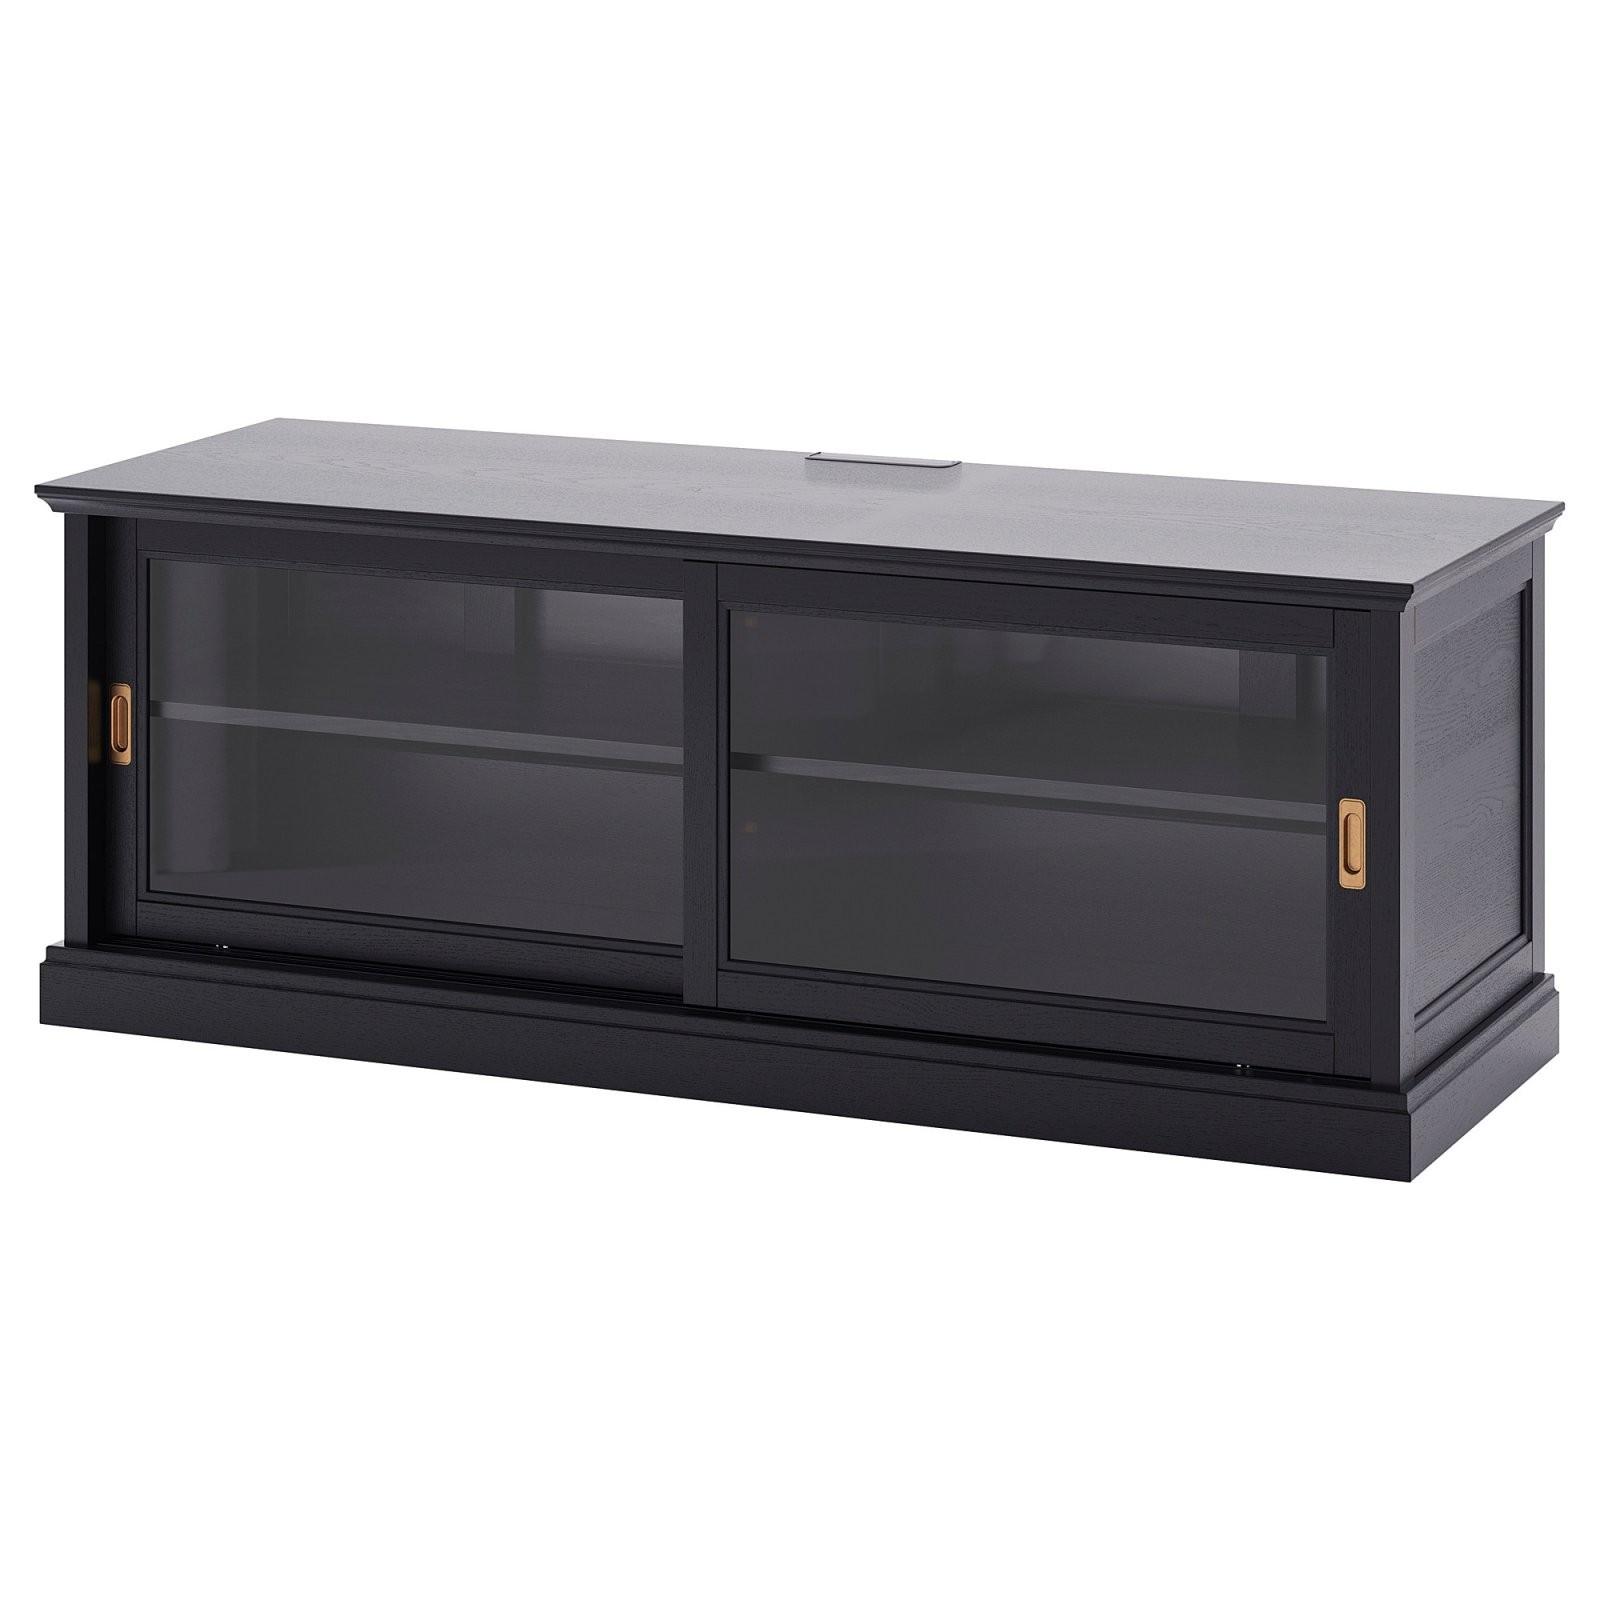 Malsjö Tvbank+Schiebetüren  Schwarz Gebeizt  Ikea von Sideboard Mit Schiebetüren Ikea Bild